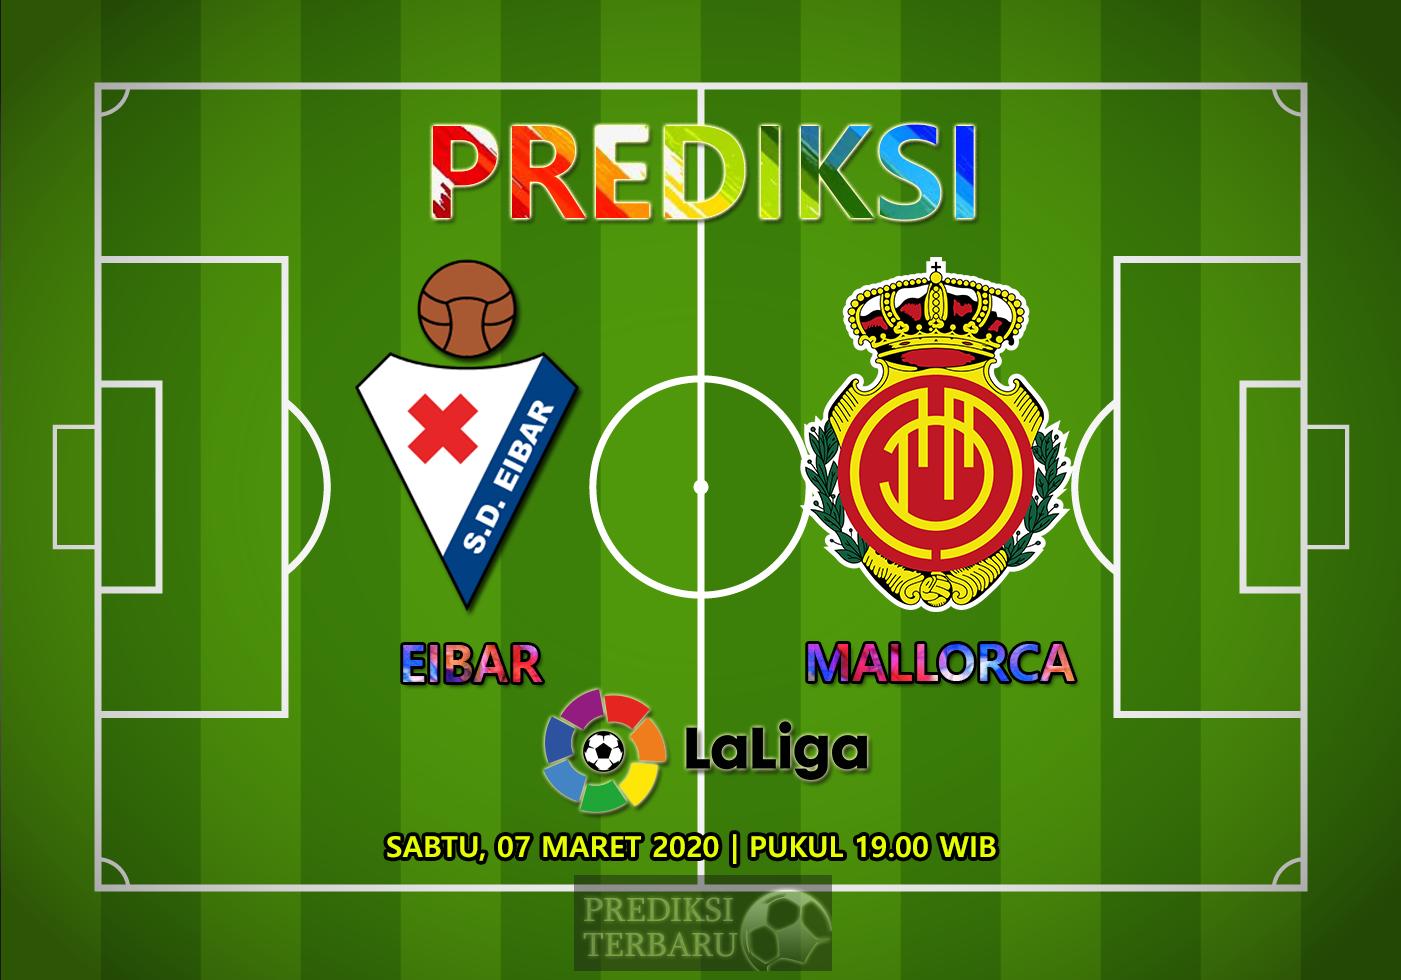 Prediksi Eibar Vs Mallorca Sabtu 07 Maret